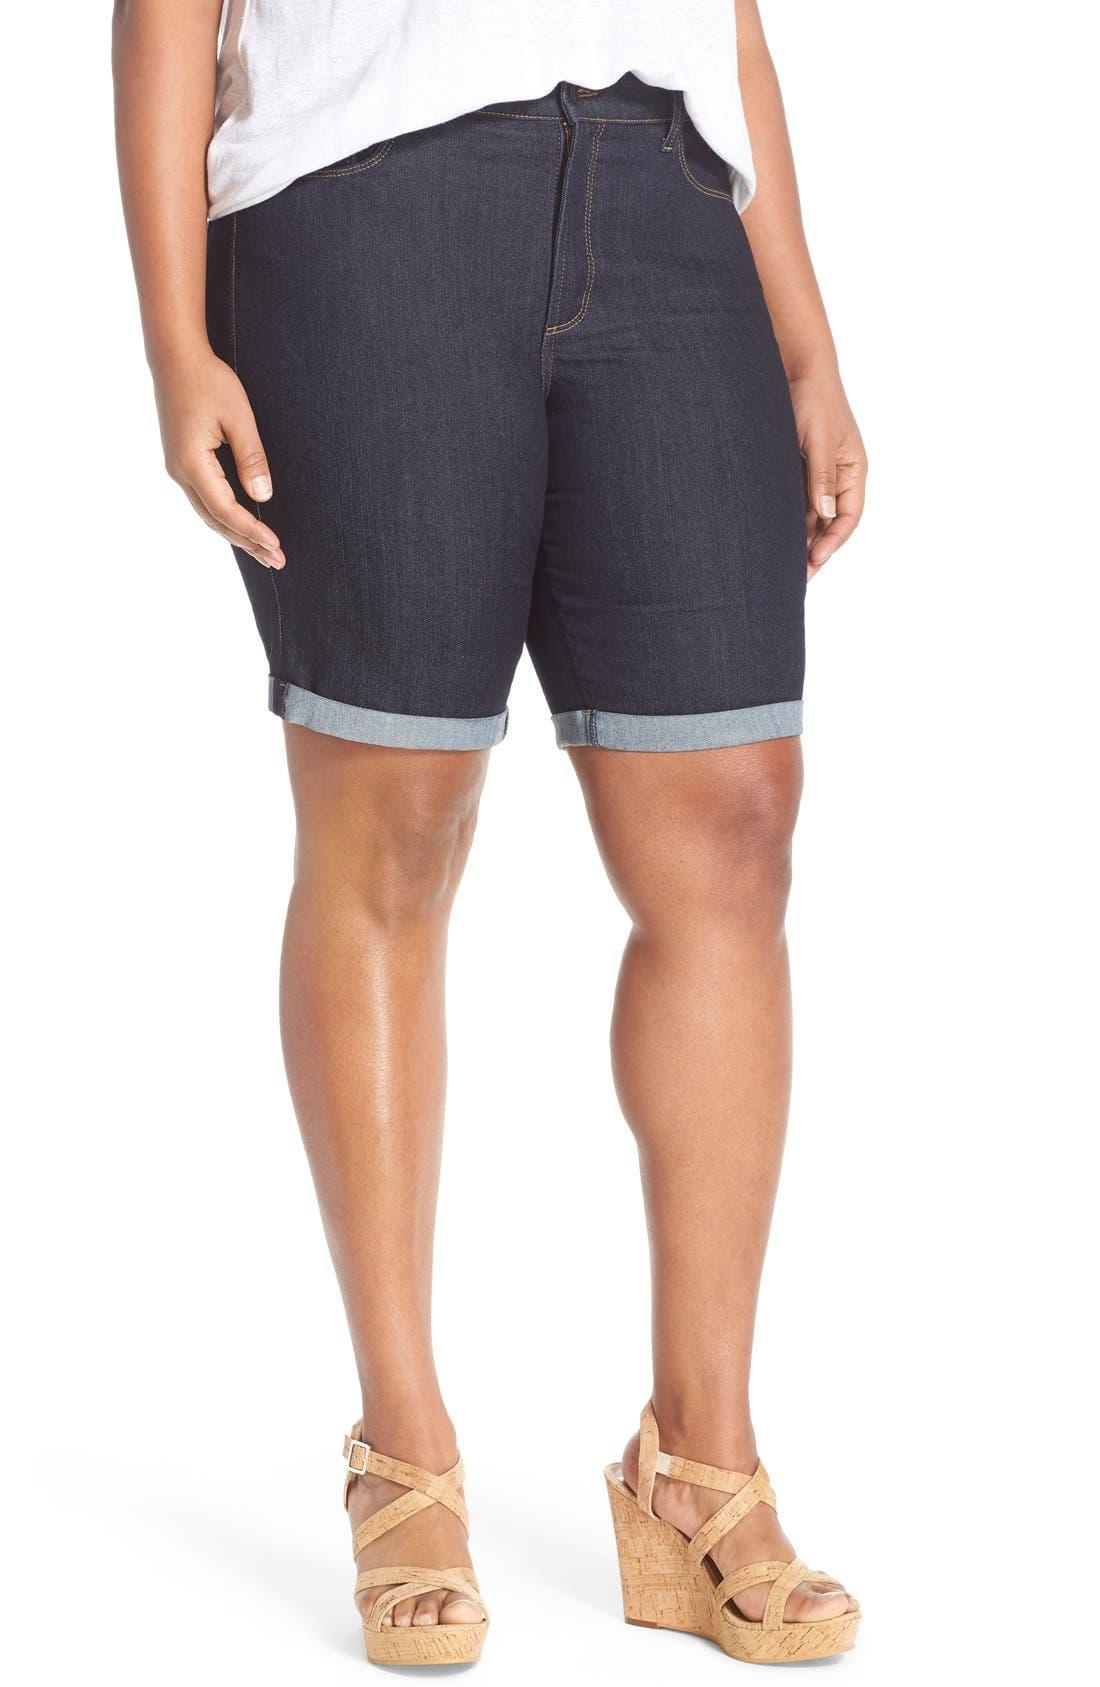 Alternate Image 1 Selected - NYDJ 'Briella' Stretch Roll Cuff Denim Shorts (Dark) (Plus Size)